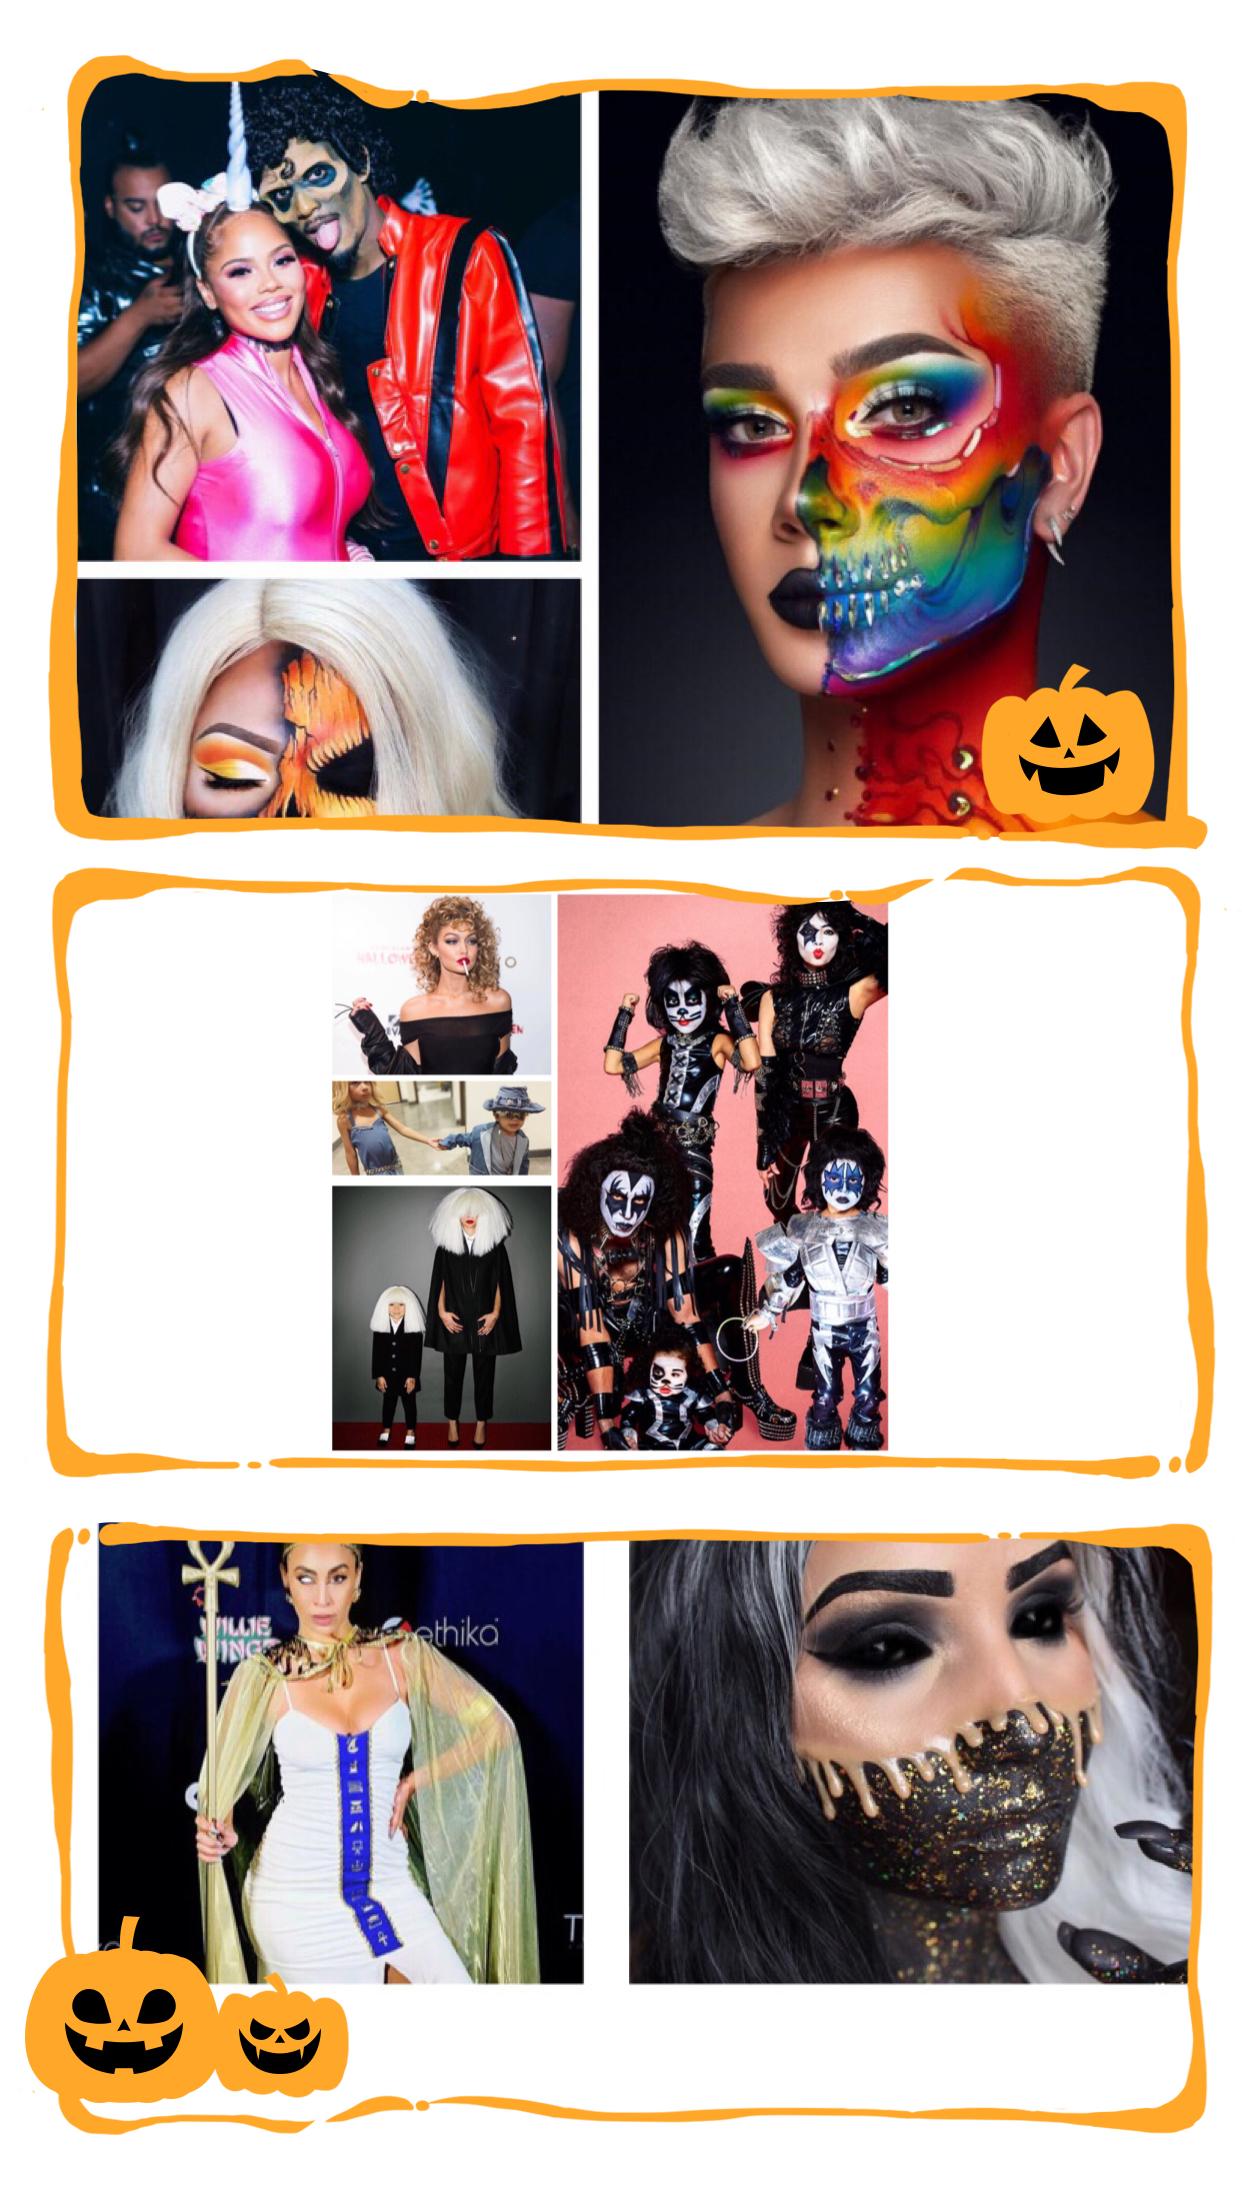 Boo-tiful Halloween looks !